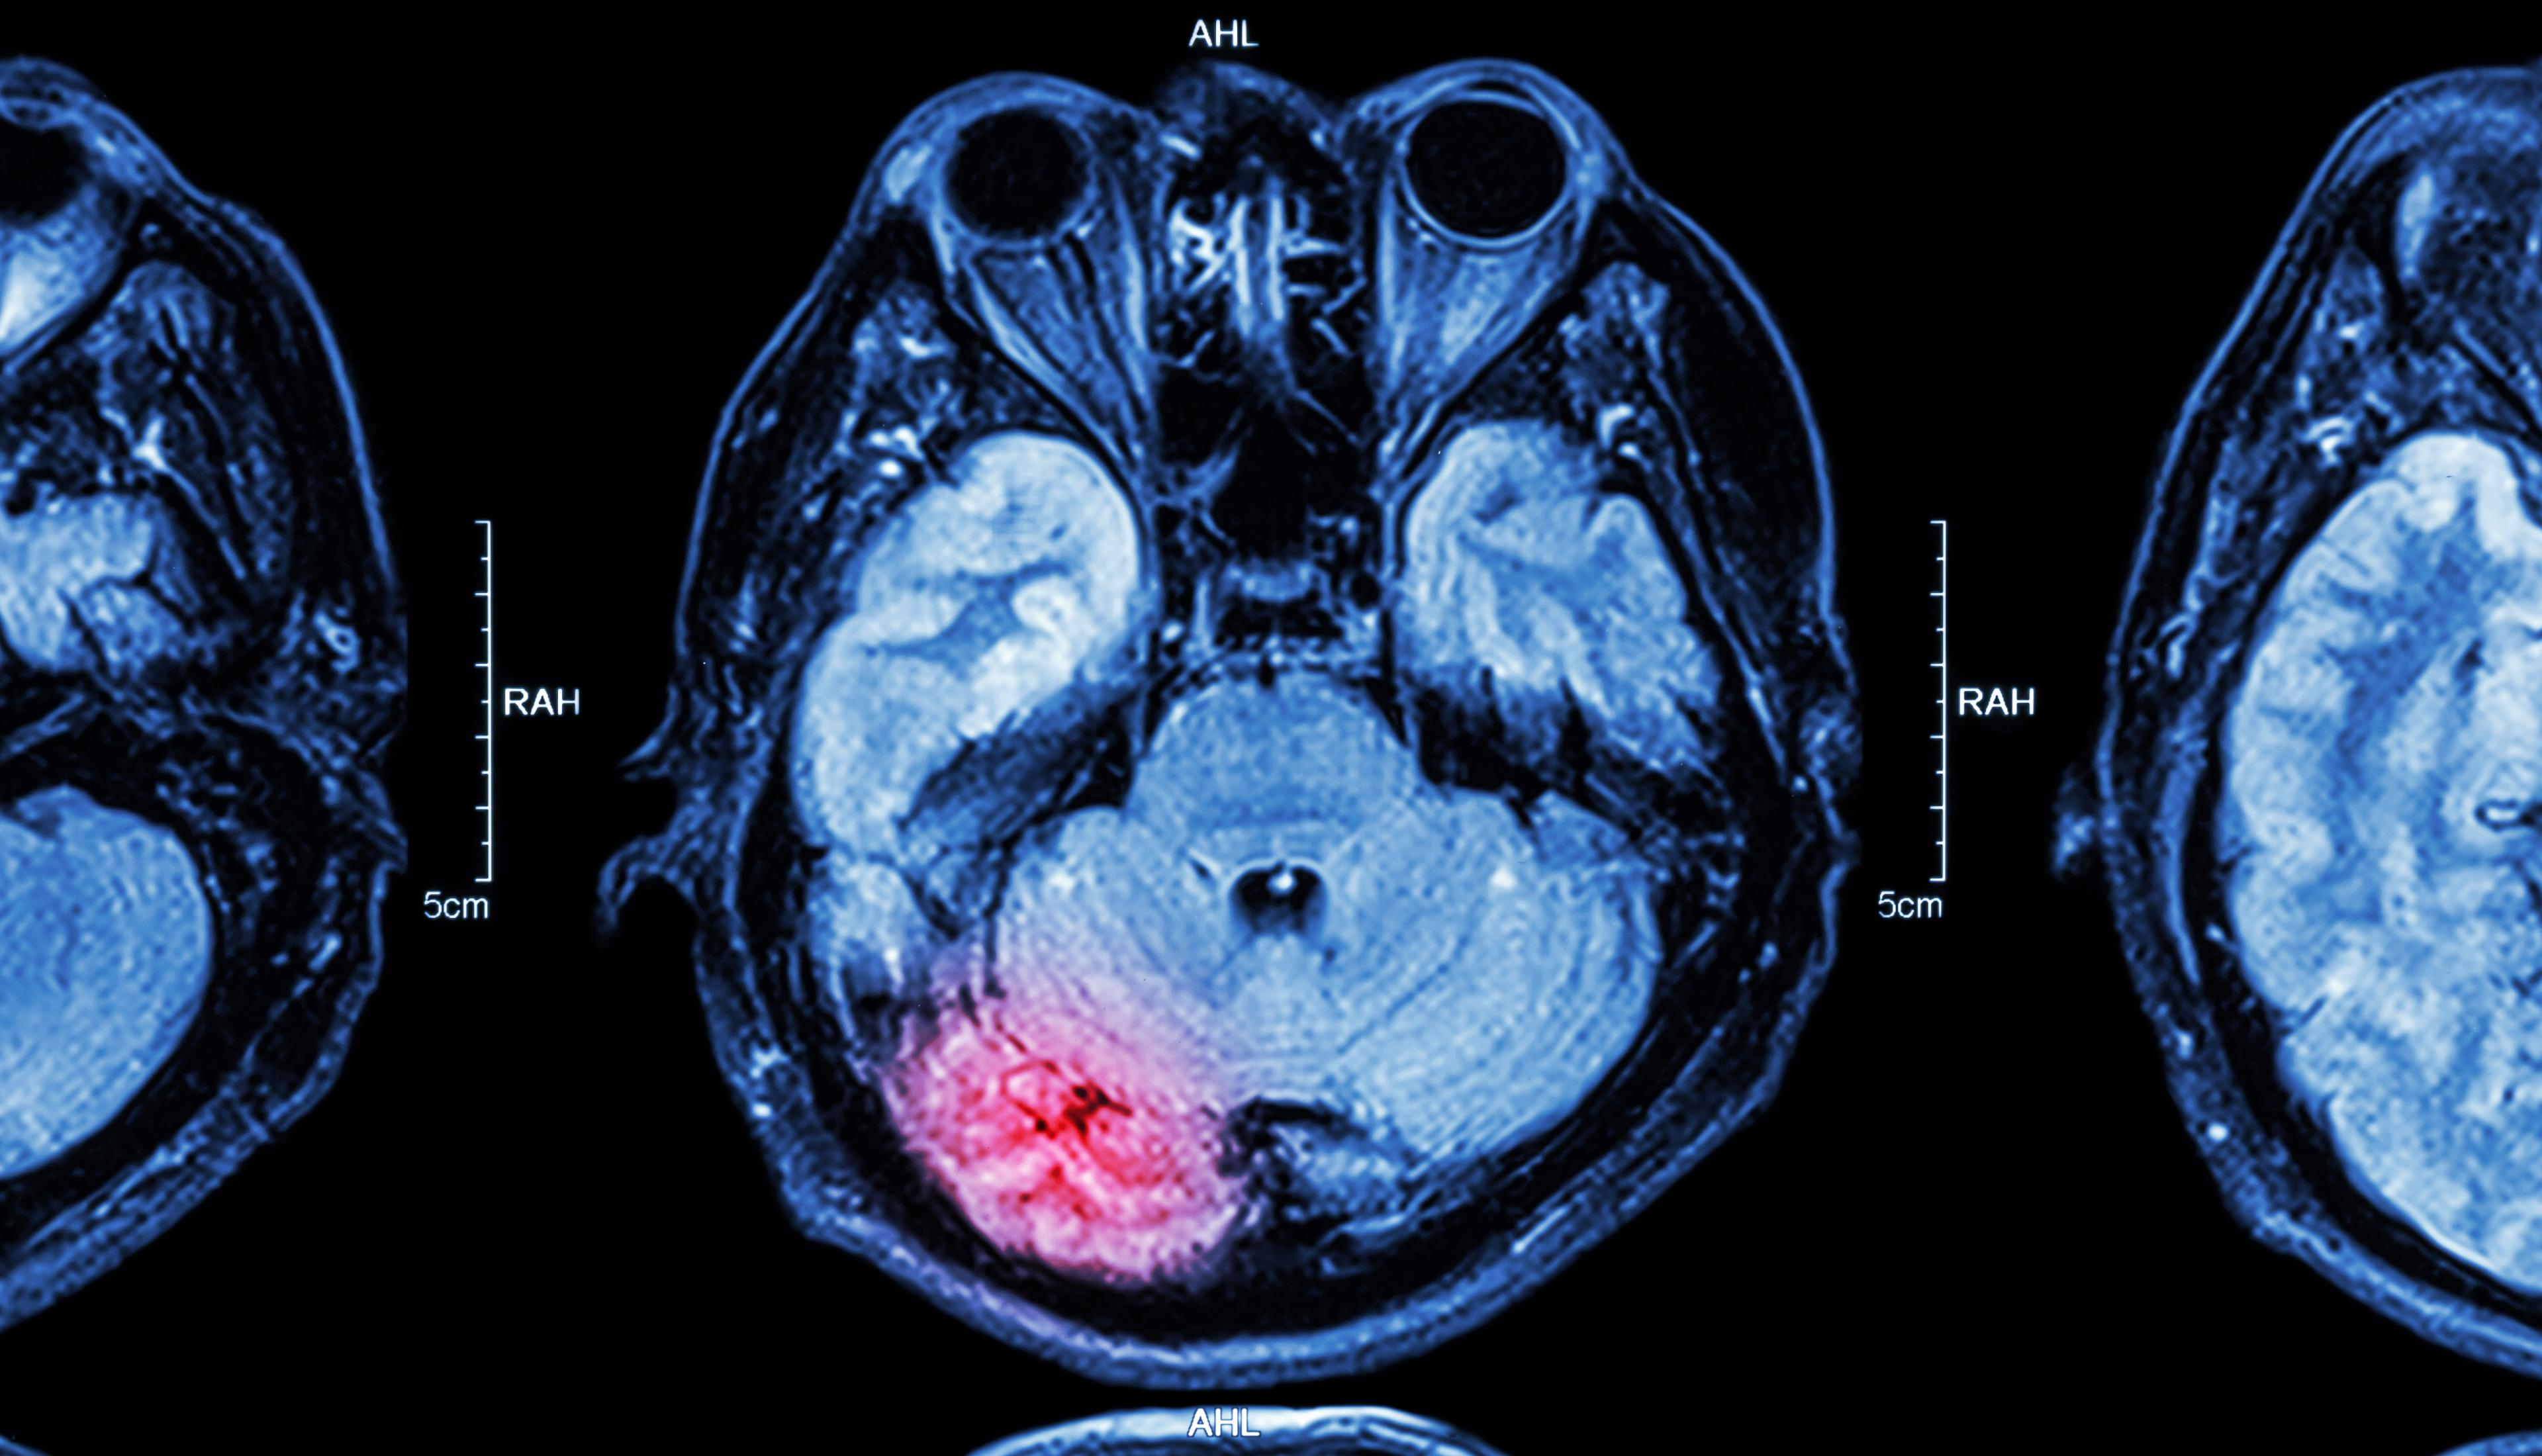 Наночастицы доставили лекарства через неповреждённый гемато-энцефалический барьер